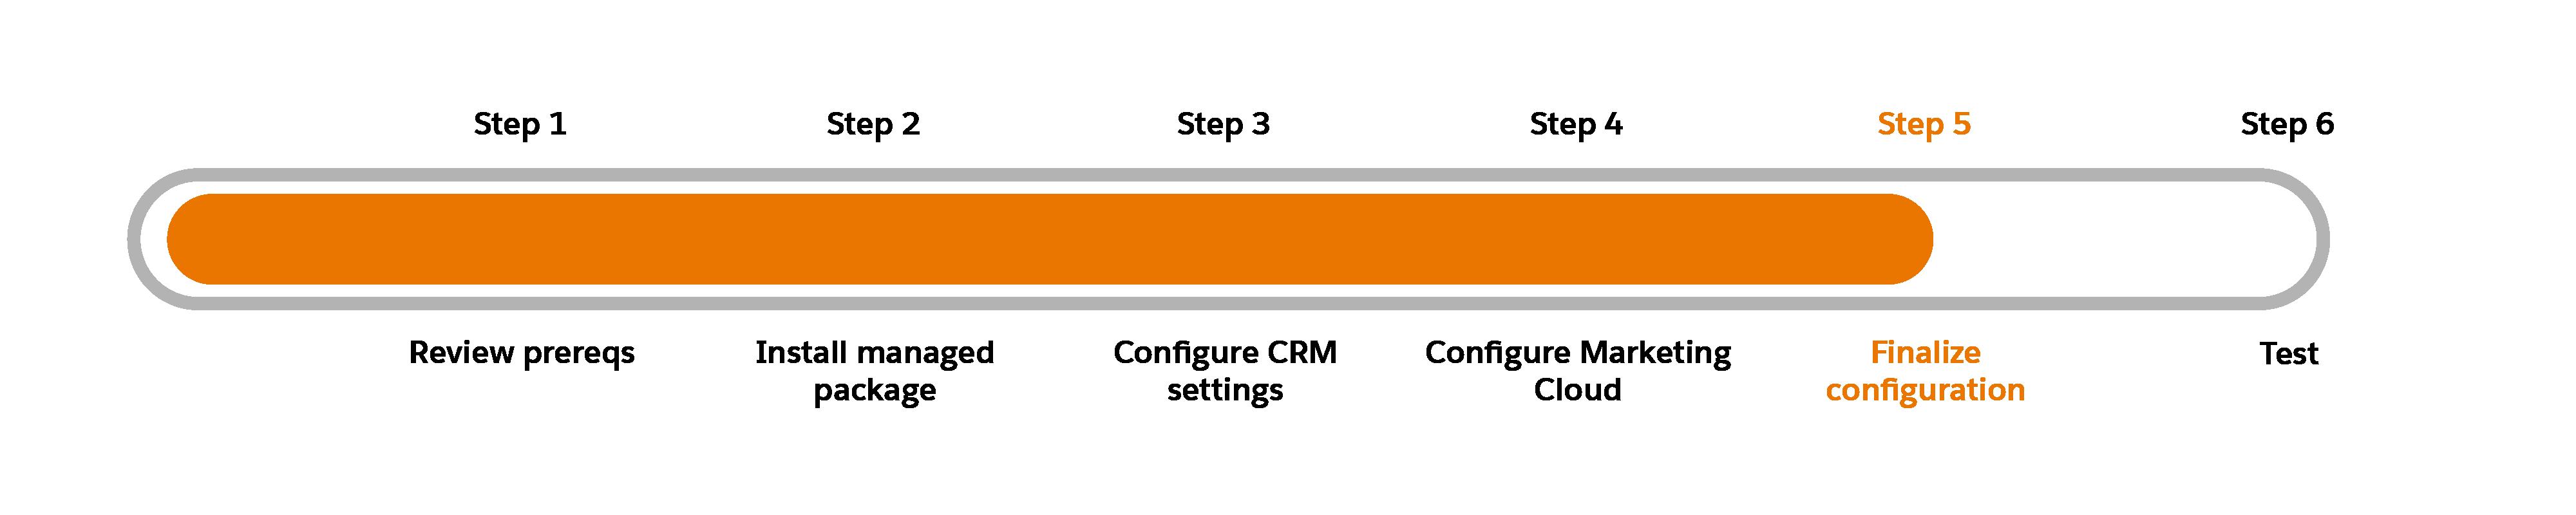 「ステップ 5: 構成を完成させる」が強調表示されている進行状況チャート